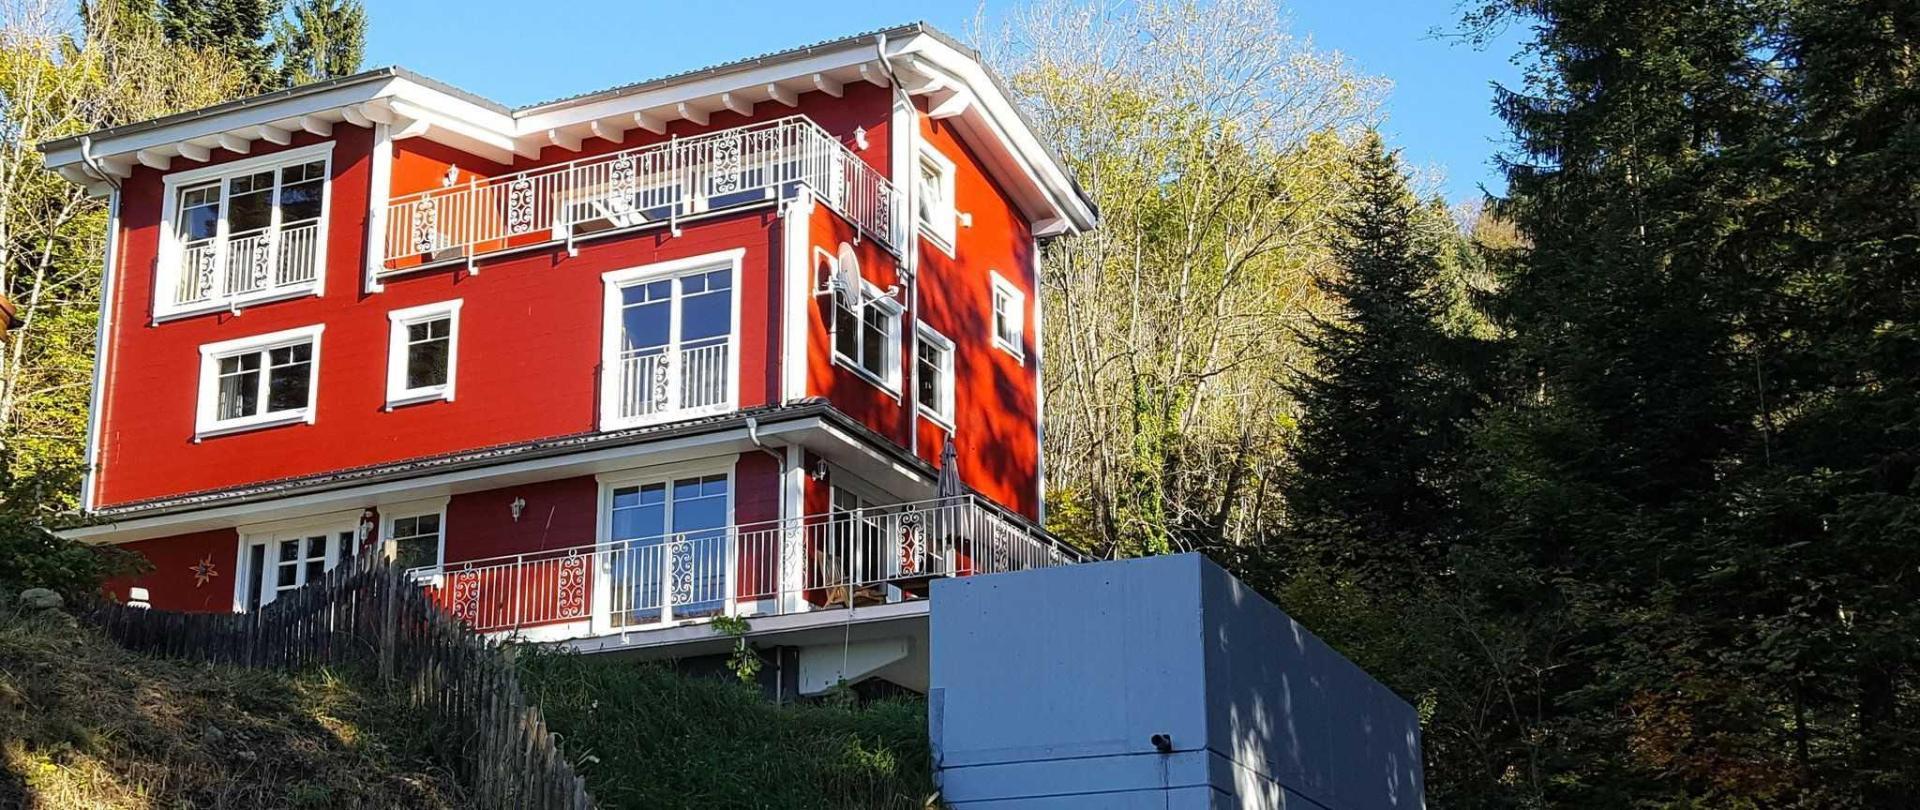 Schwedenhaus at Eichenberg near Bregenz and Lindau